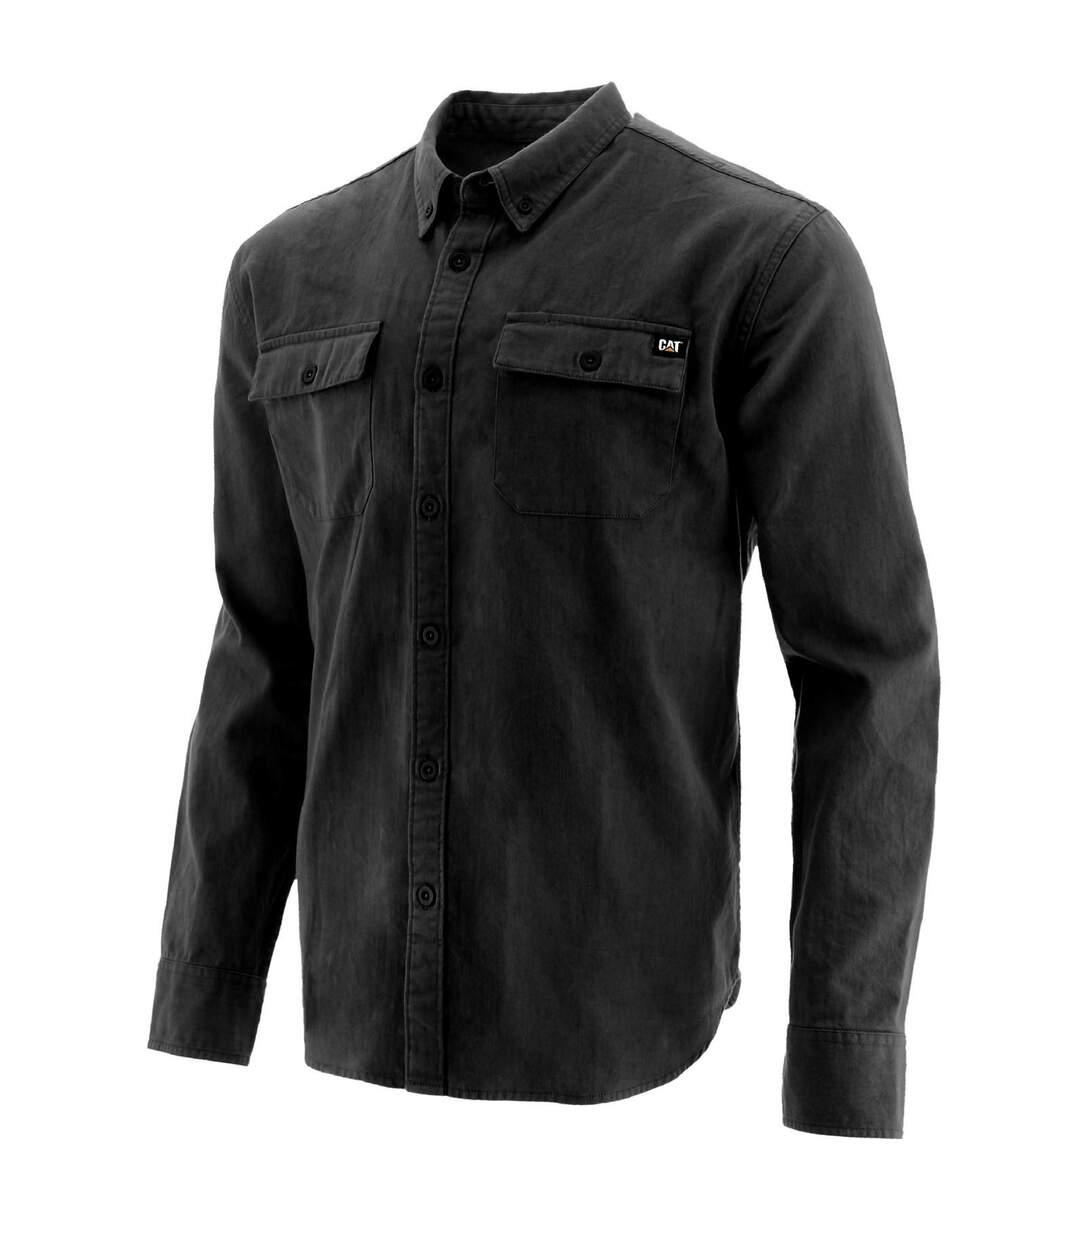 Caterpillar Mens Button Up Long Sleeve Shirt (Black) - UTFS6670